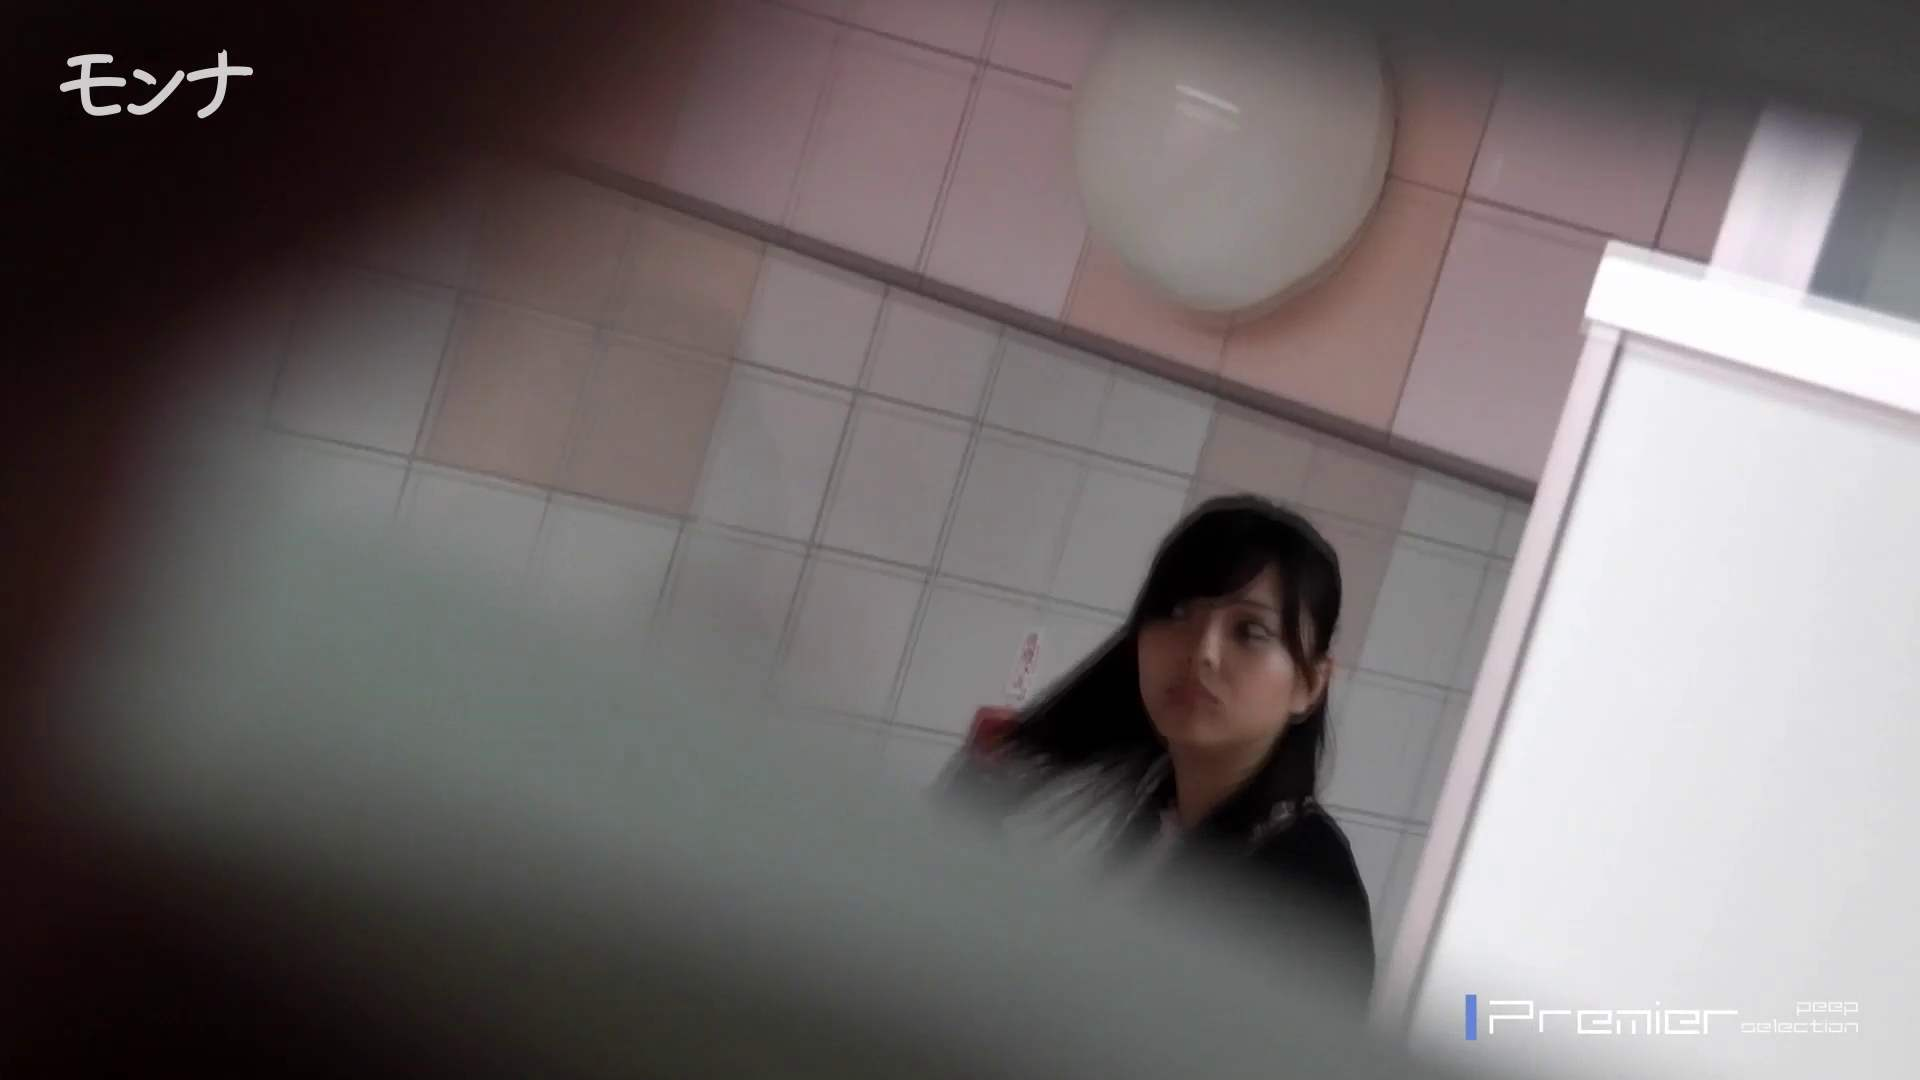 美しい日本の未来 No.23 倉科カナ似です ギャル  110pic 16